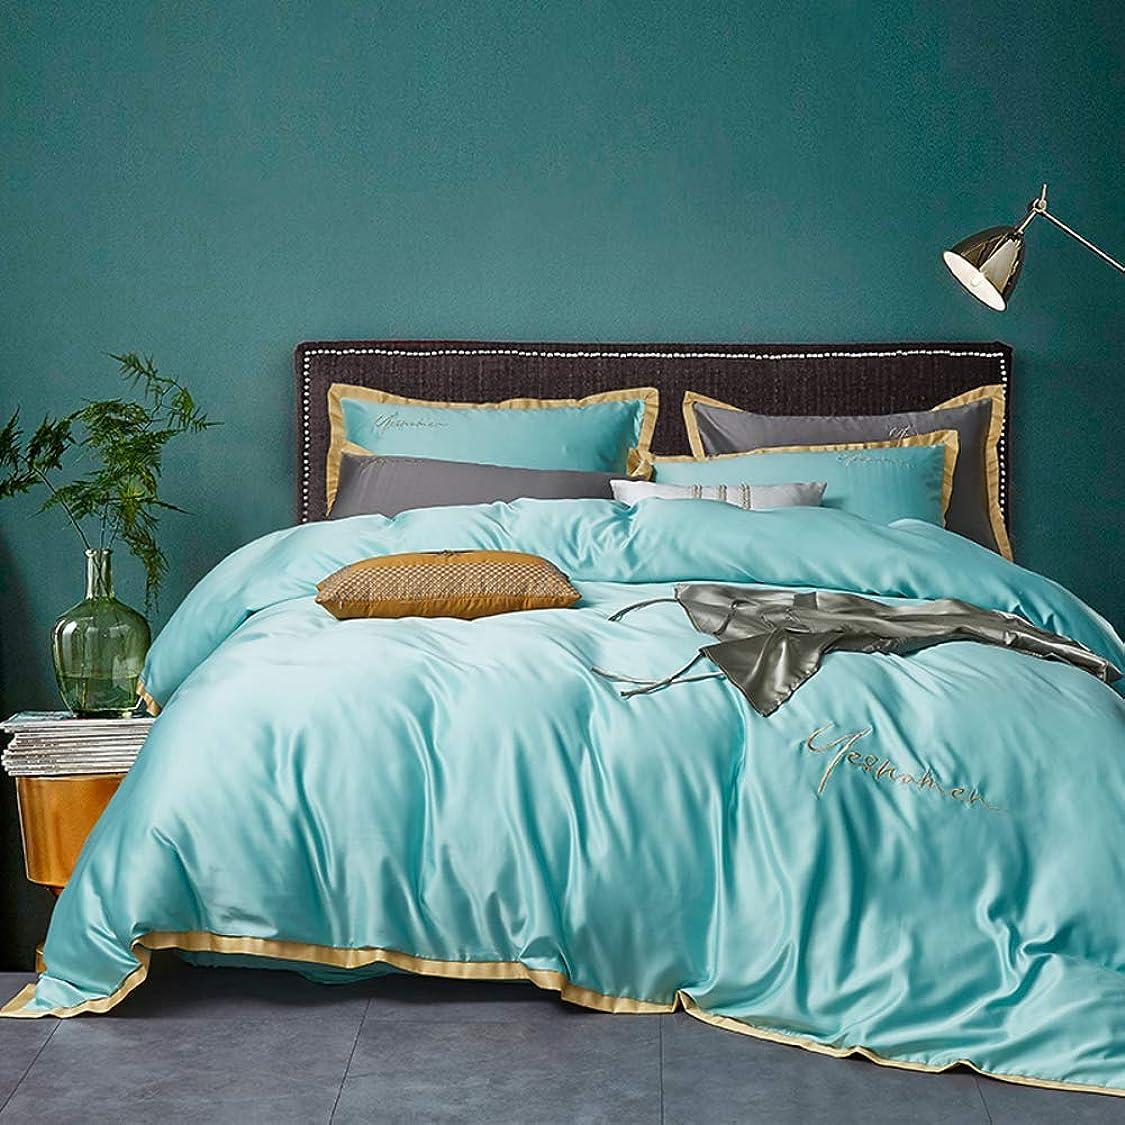 わがまま十代祖母シルク 刺繍 綿サテン 寝具カバーセット, 4 ピース ジャカード ソフト 快適 綿 夏 クールな 肌-フレンドリー 寝具ベッド ファスナー付け-d